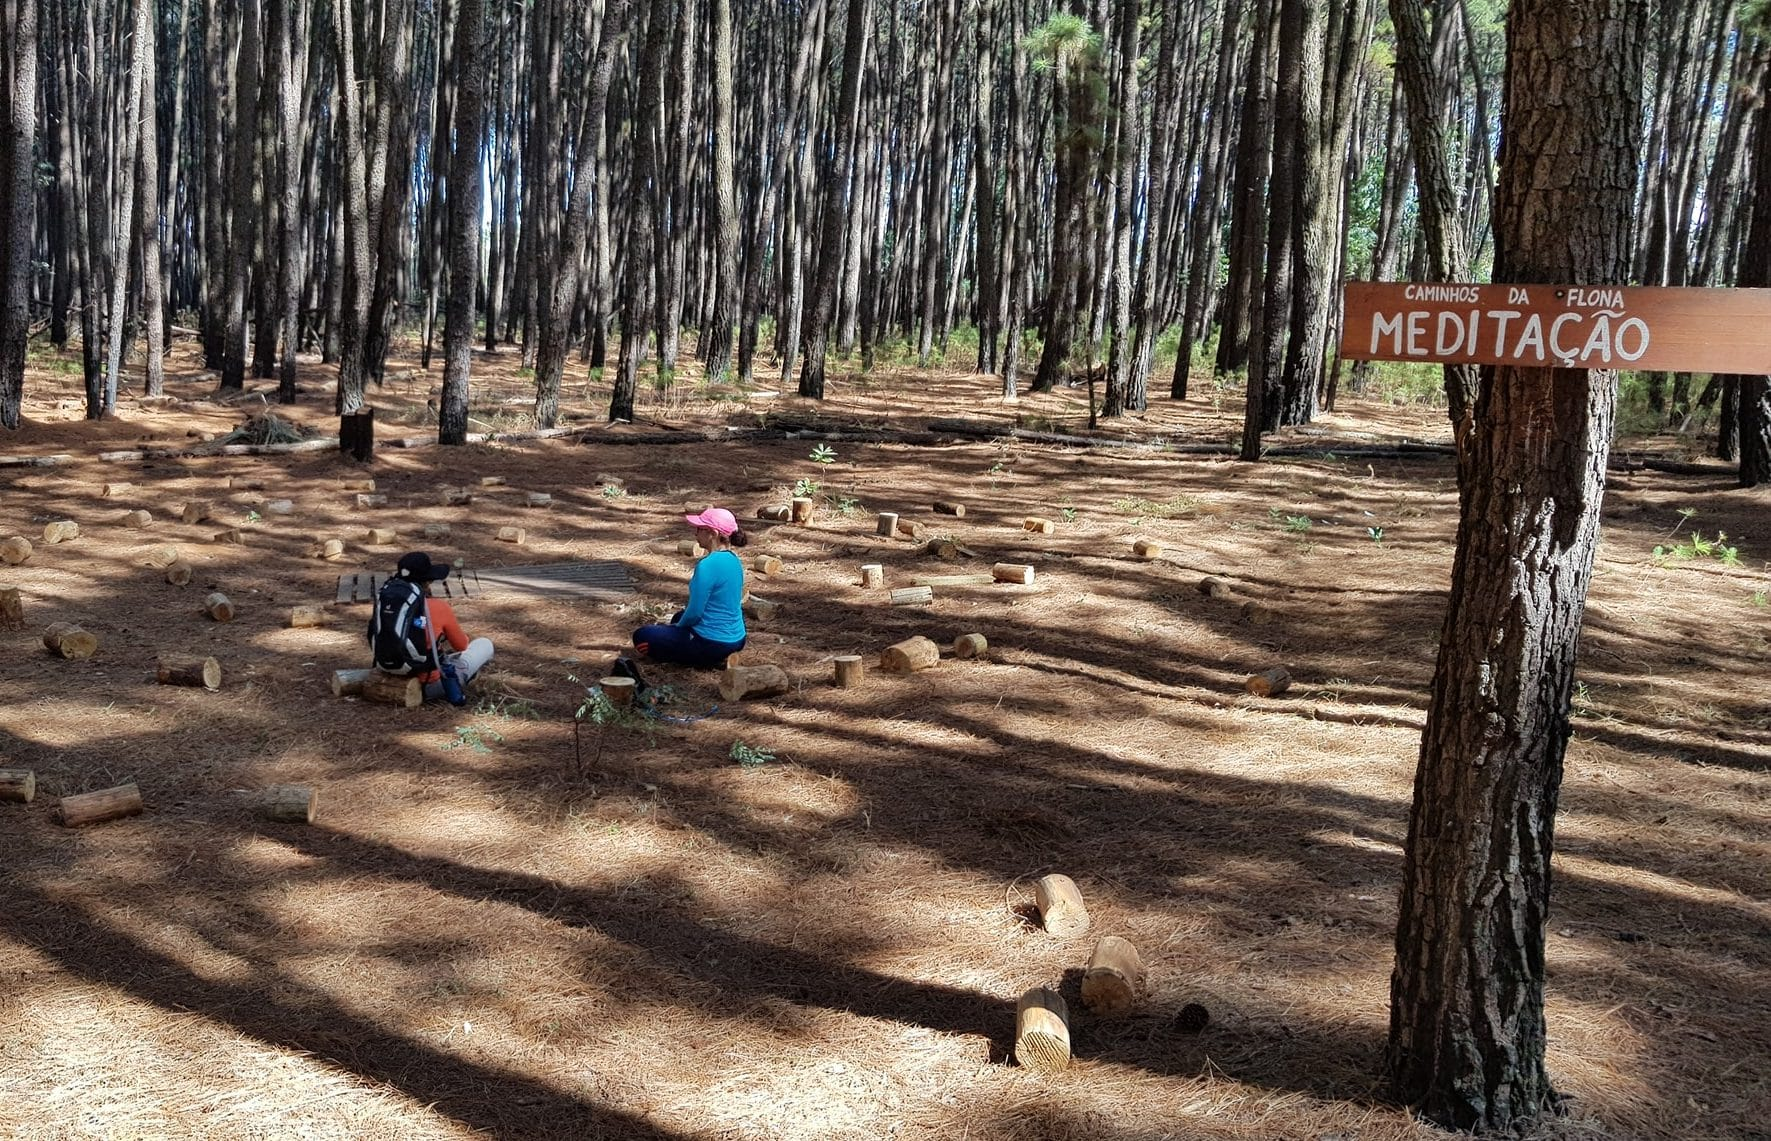 Foto: descobertasbarbaras.com.br